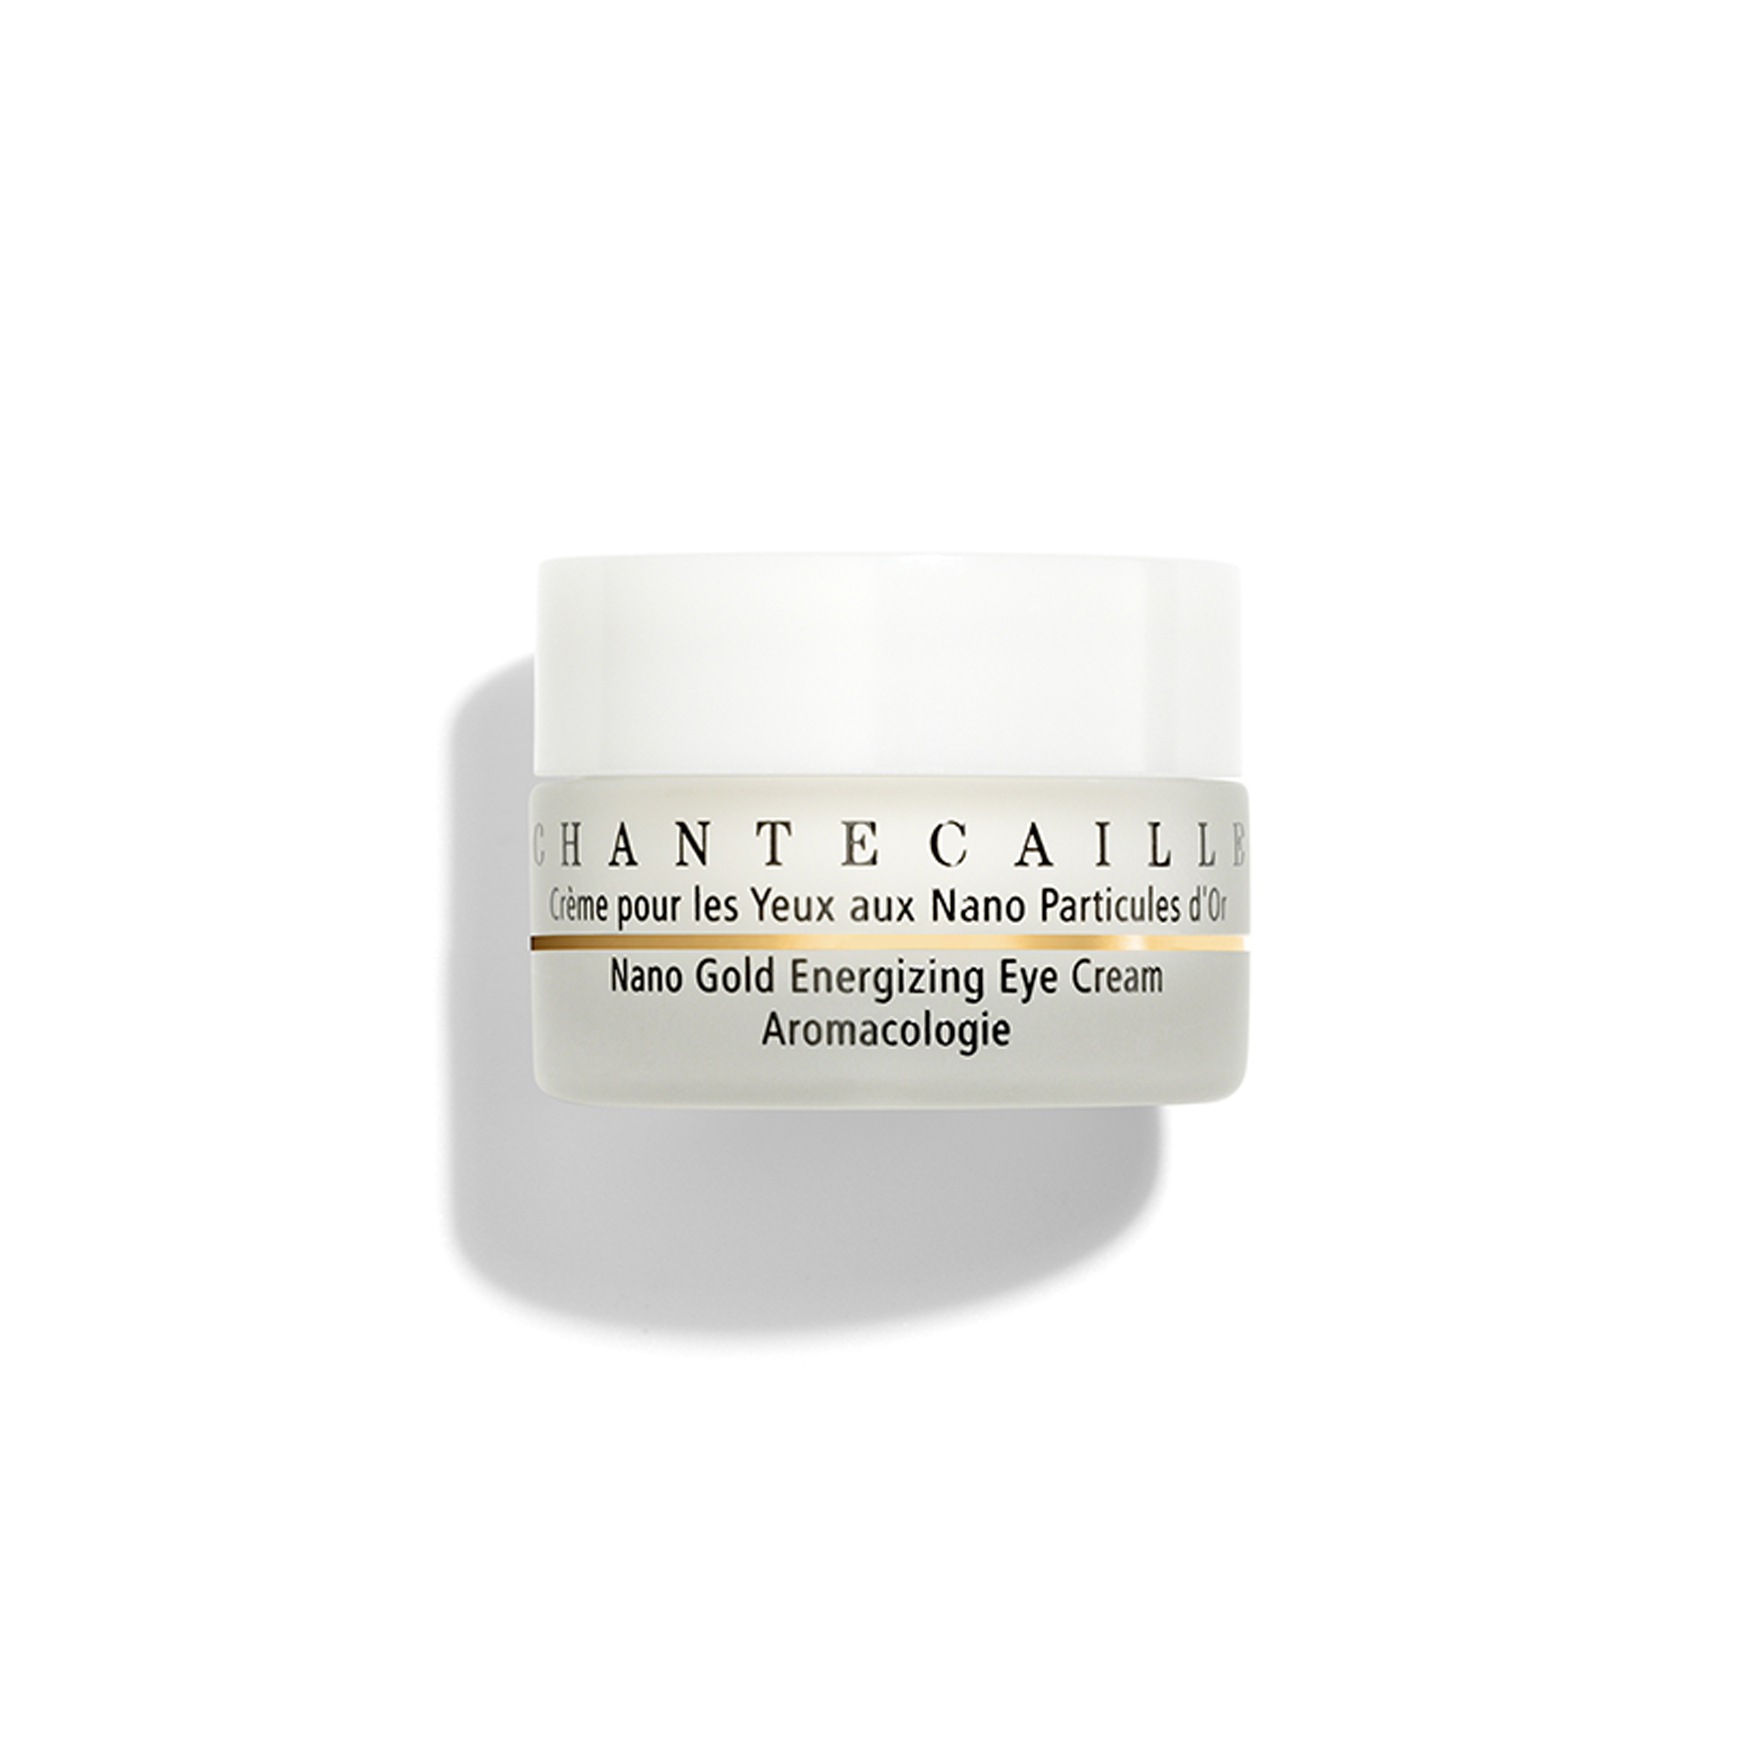 Nano Gold Energizing Eye Cream, , large